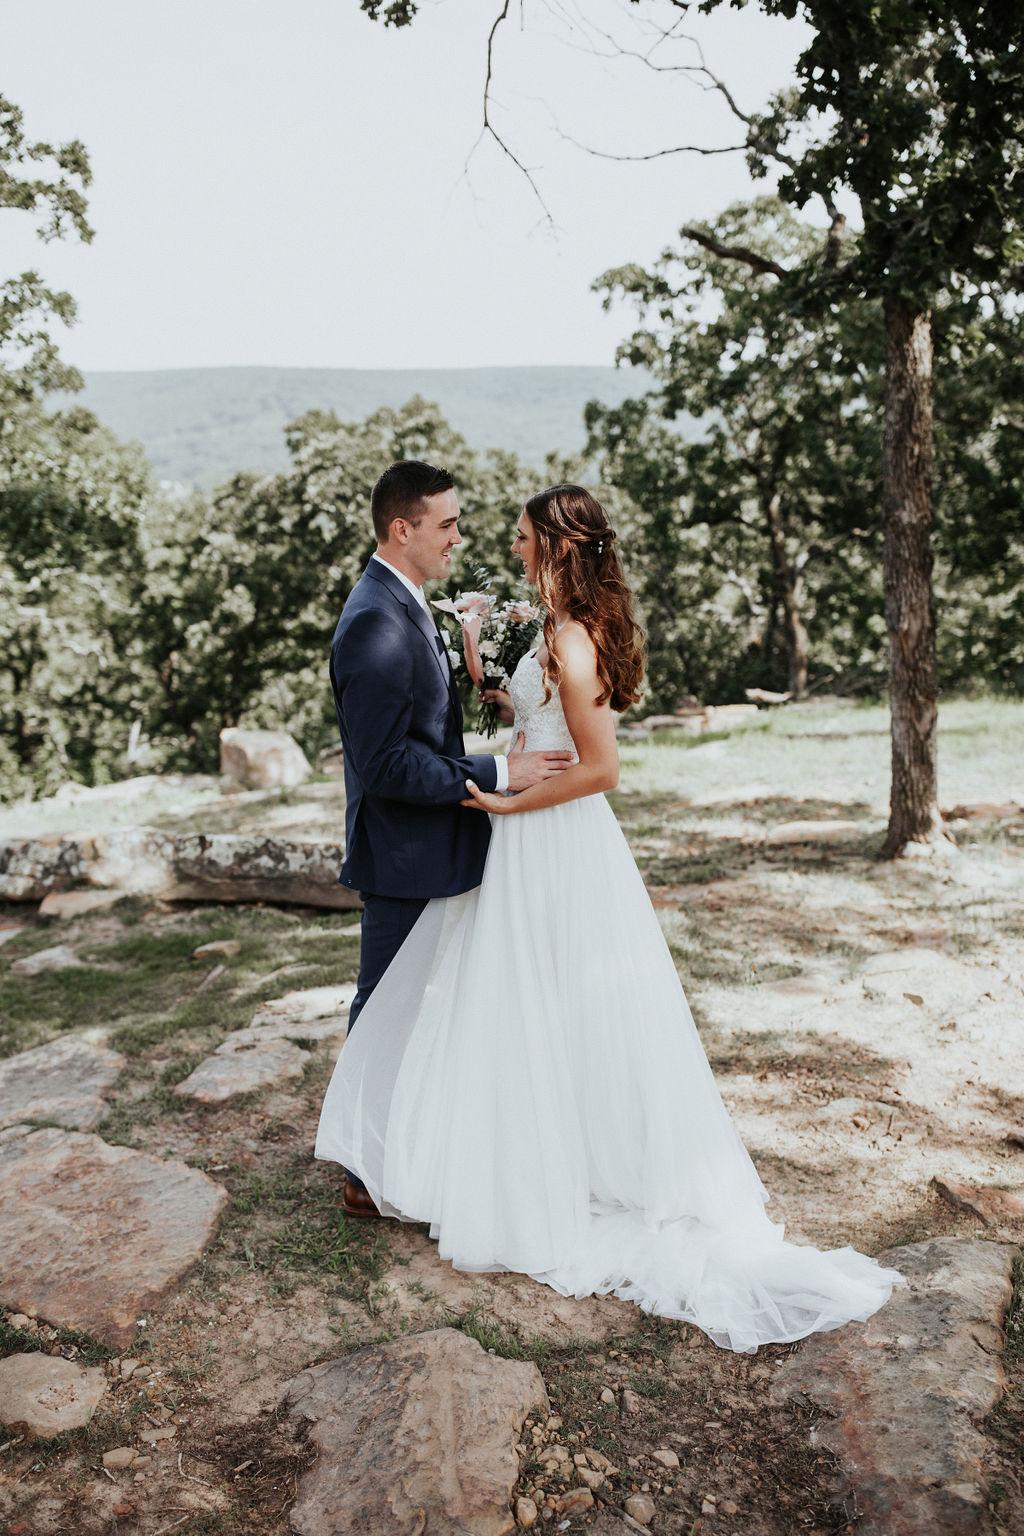 Tulsa Outdoor Wedding Venues 20.jpg